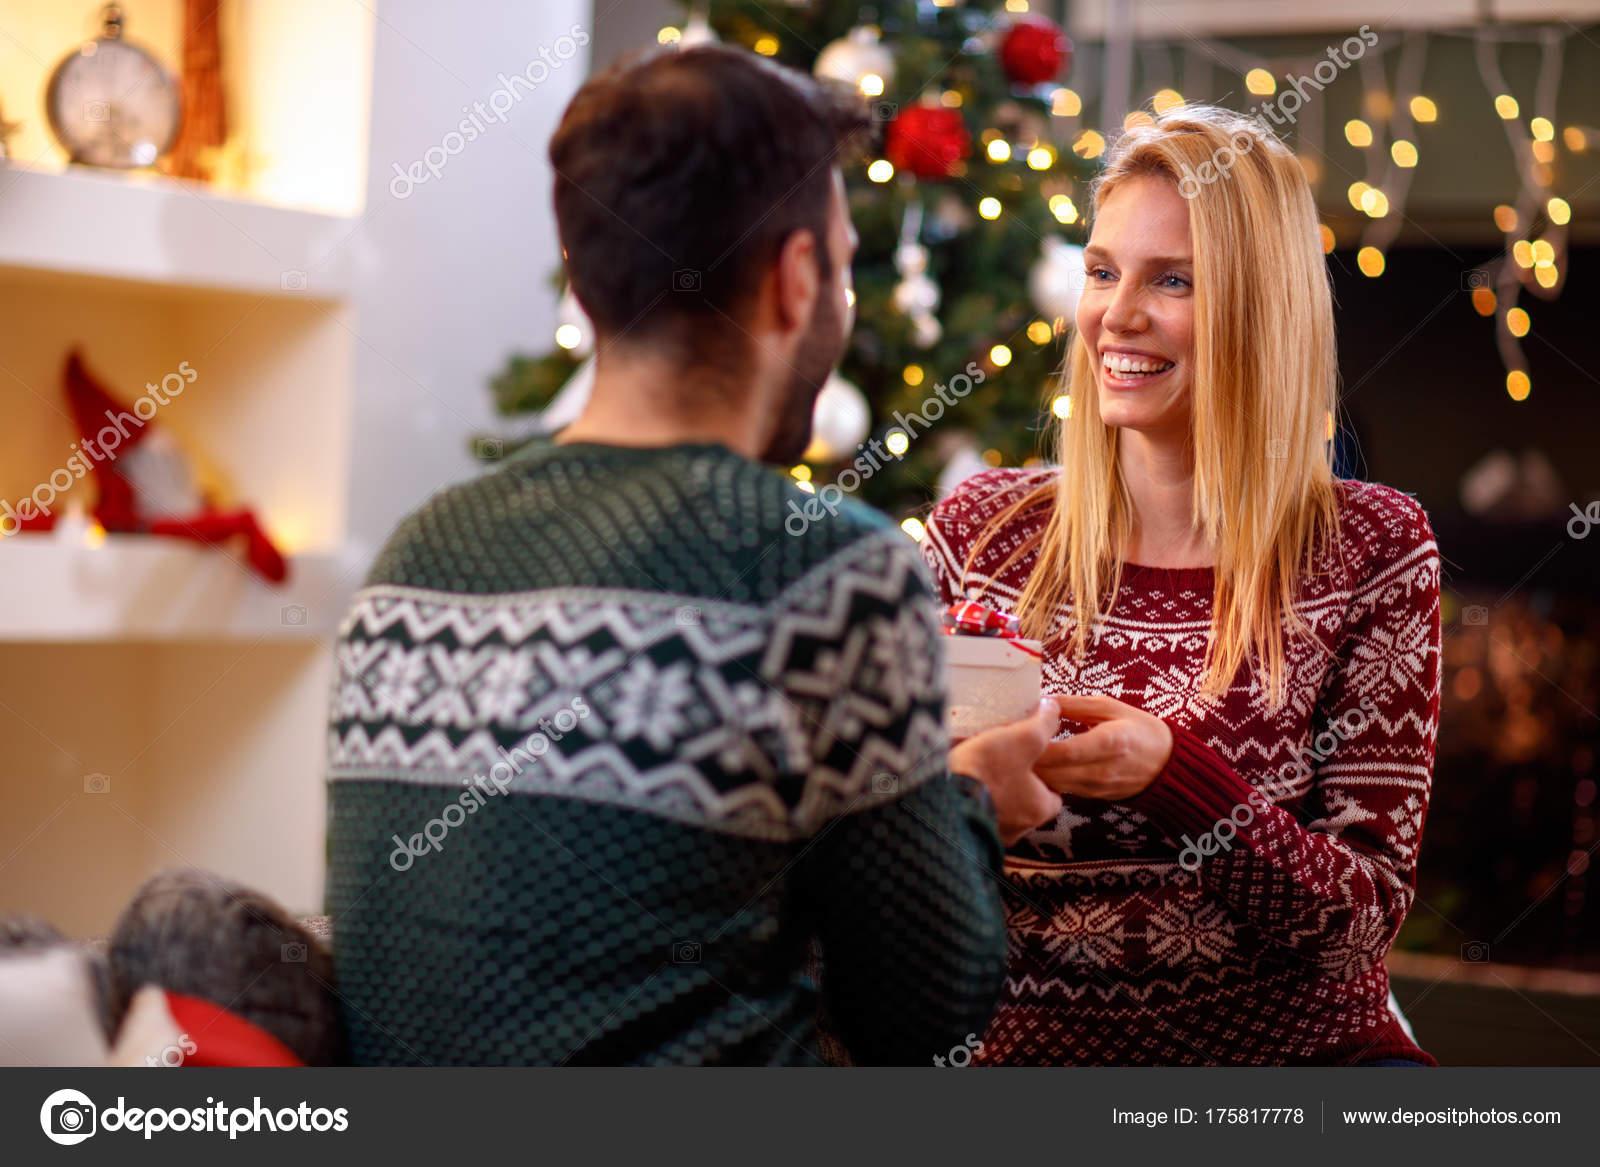 Weihnachten, Feiertage und Menschen Konzept - schönes Paar mit ...